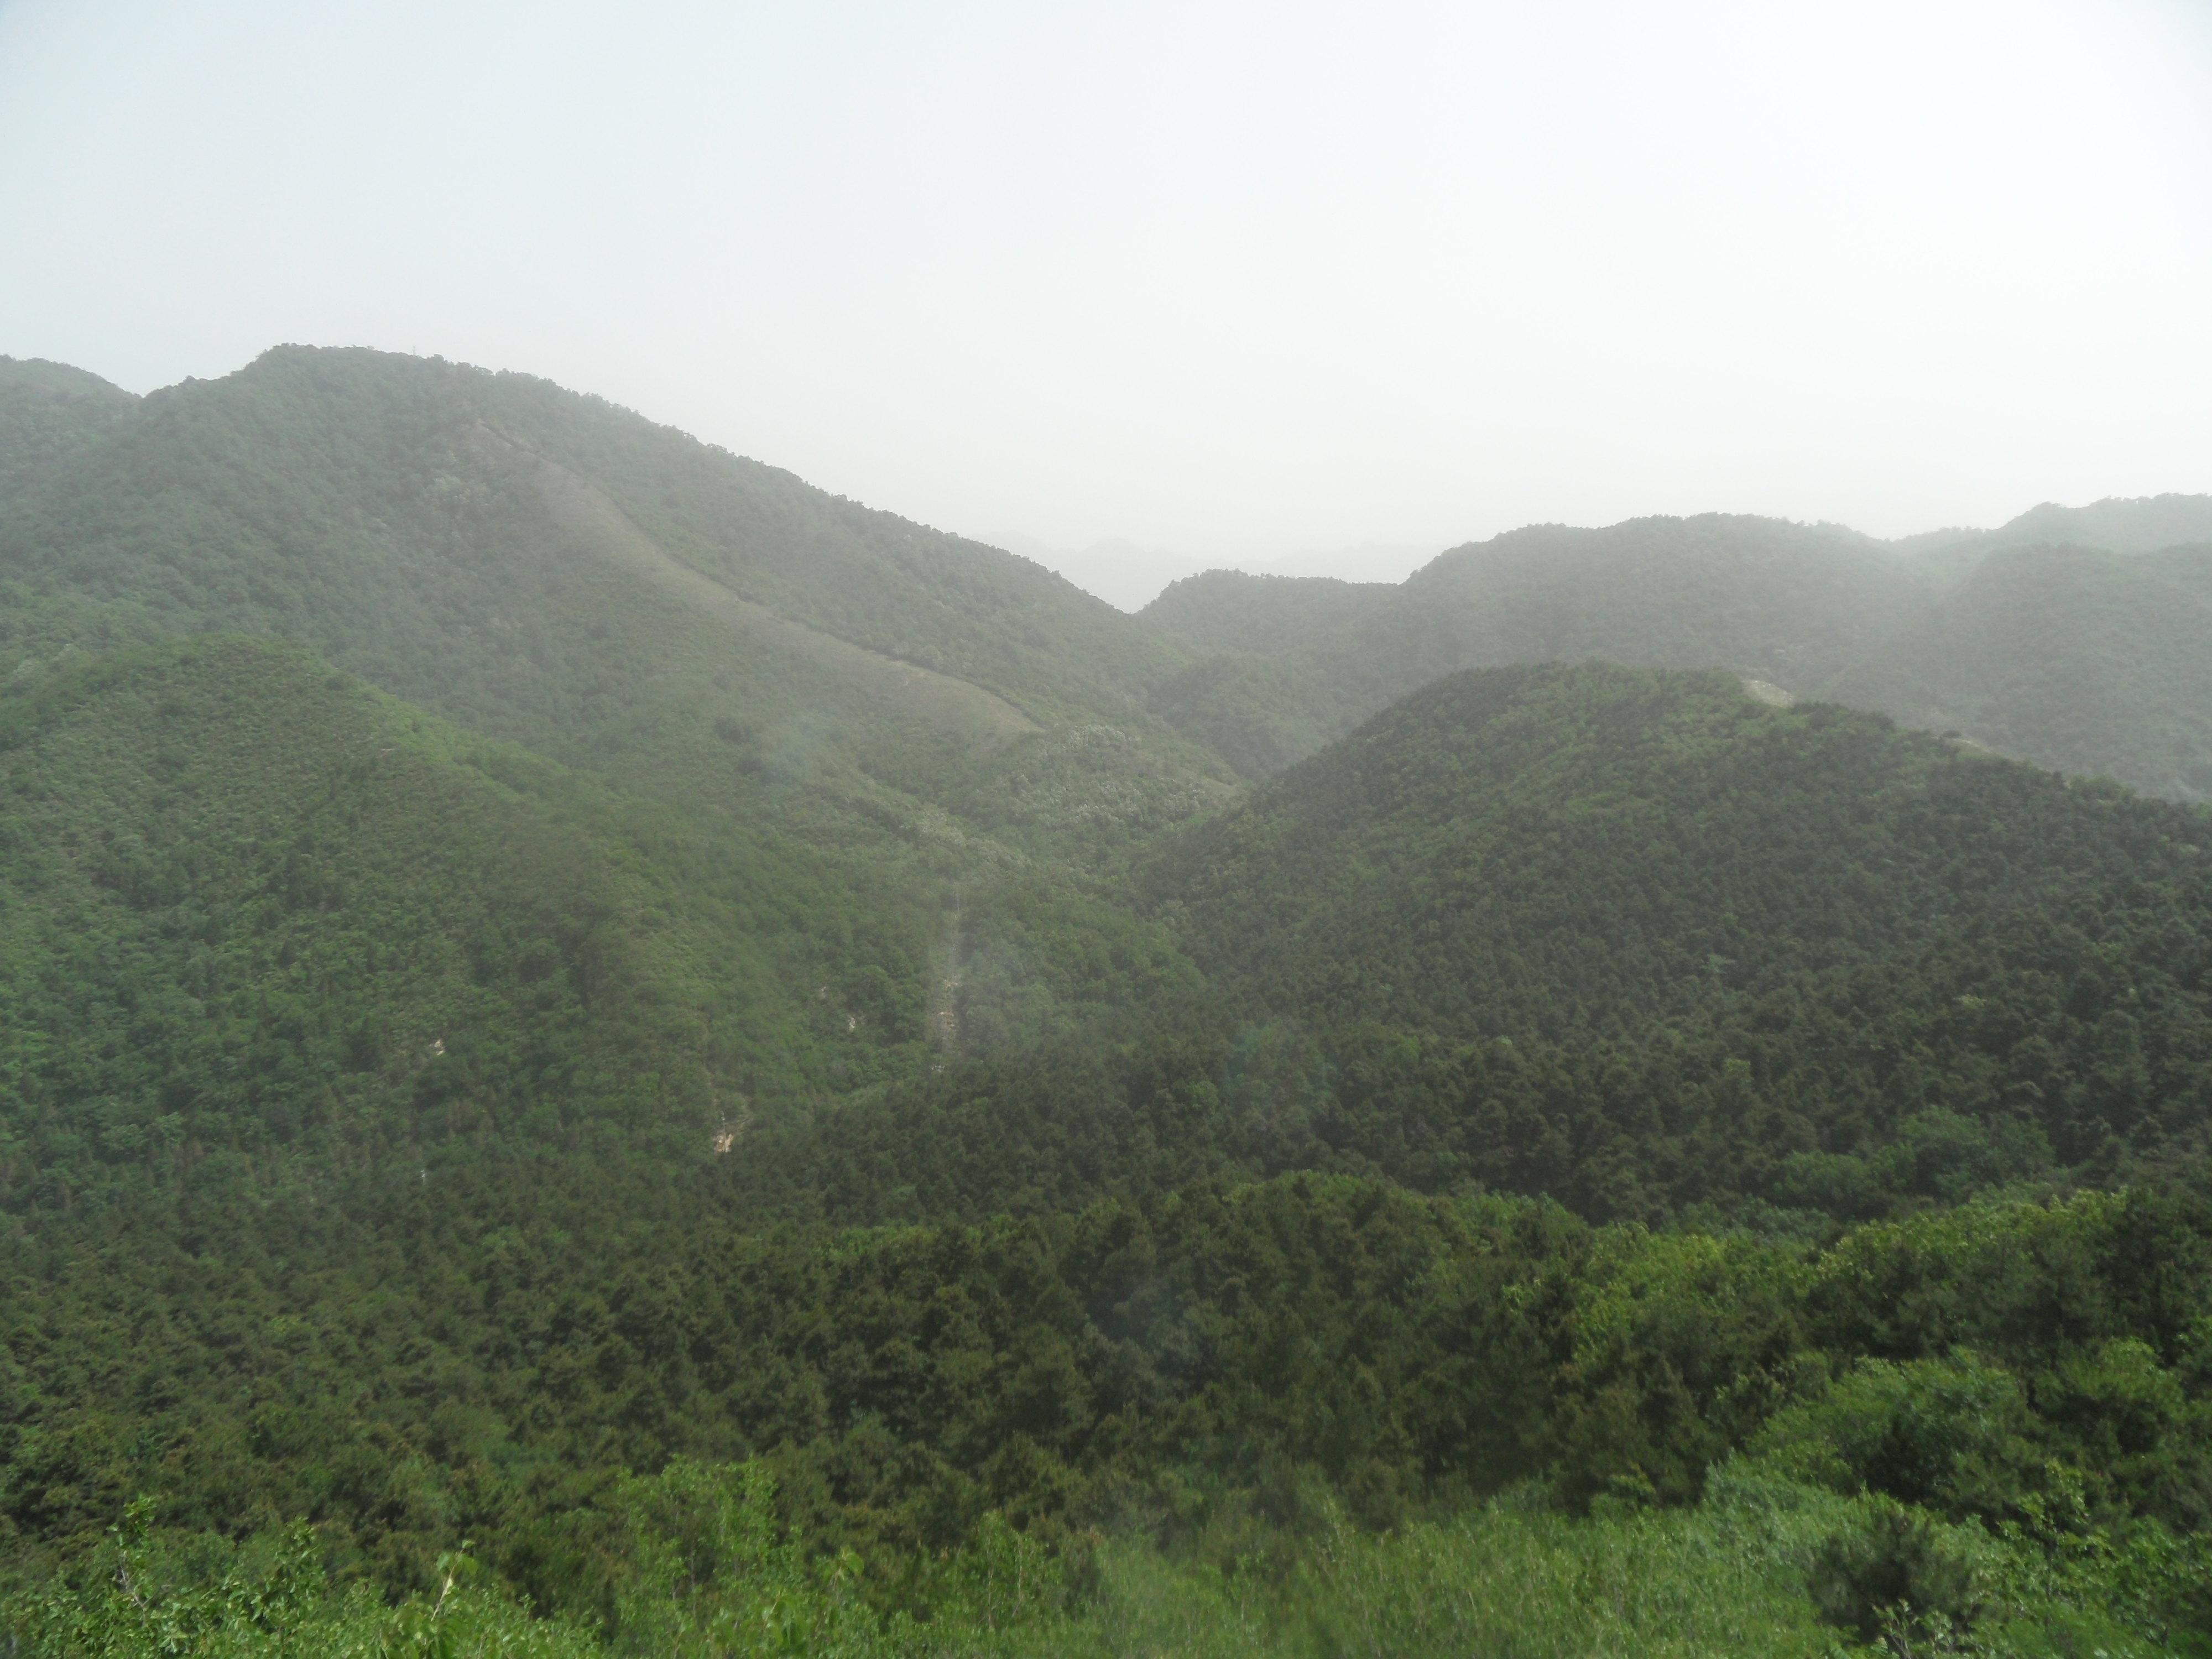 【携程攻略】北京九龙山景点,九龙山是国家级森林公园图片